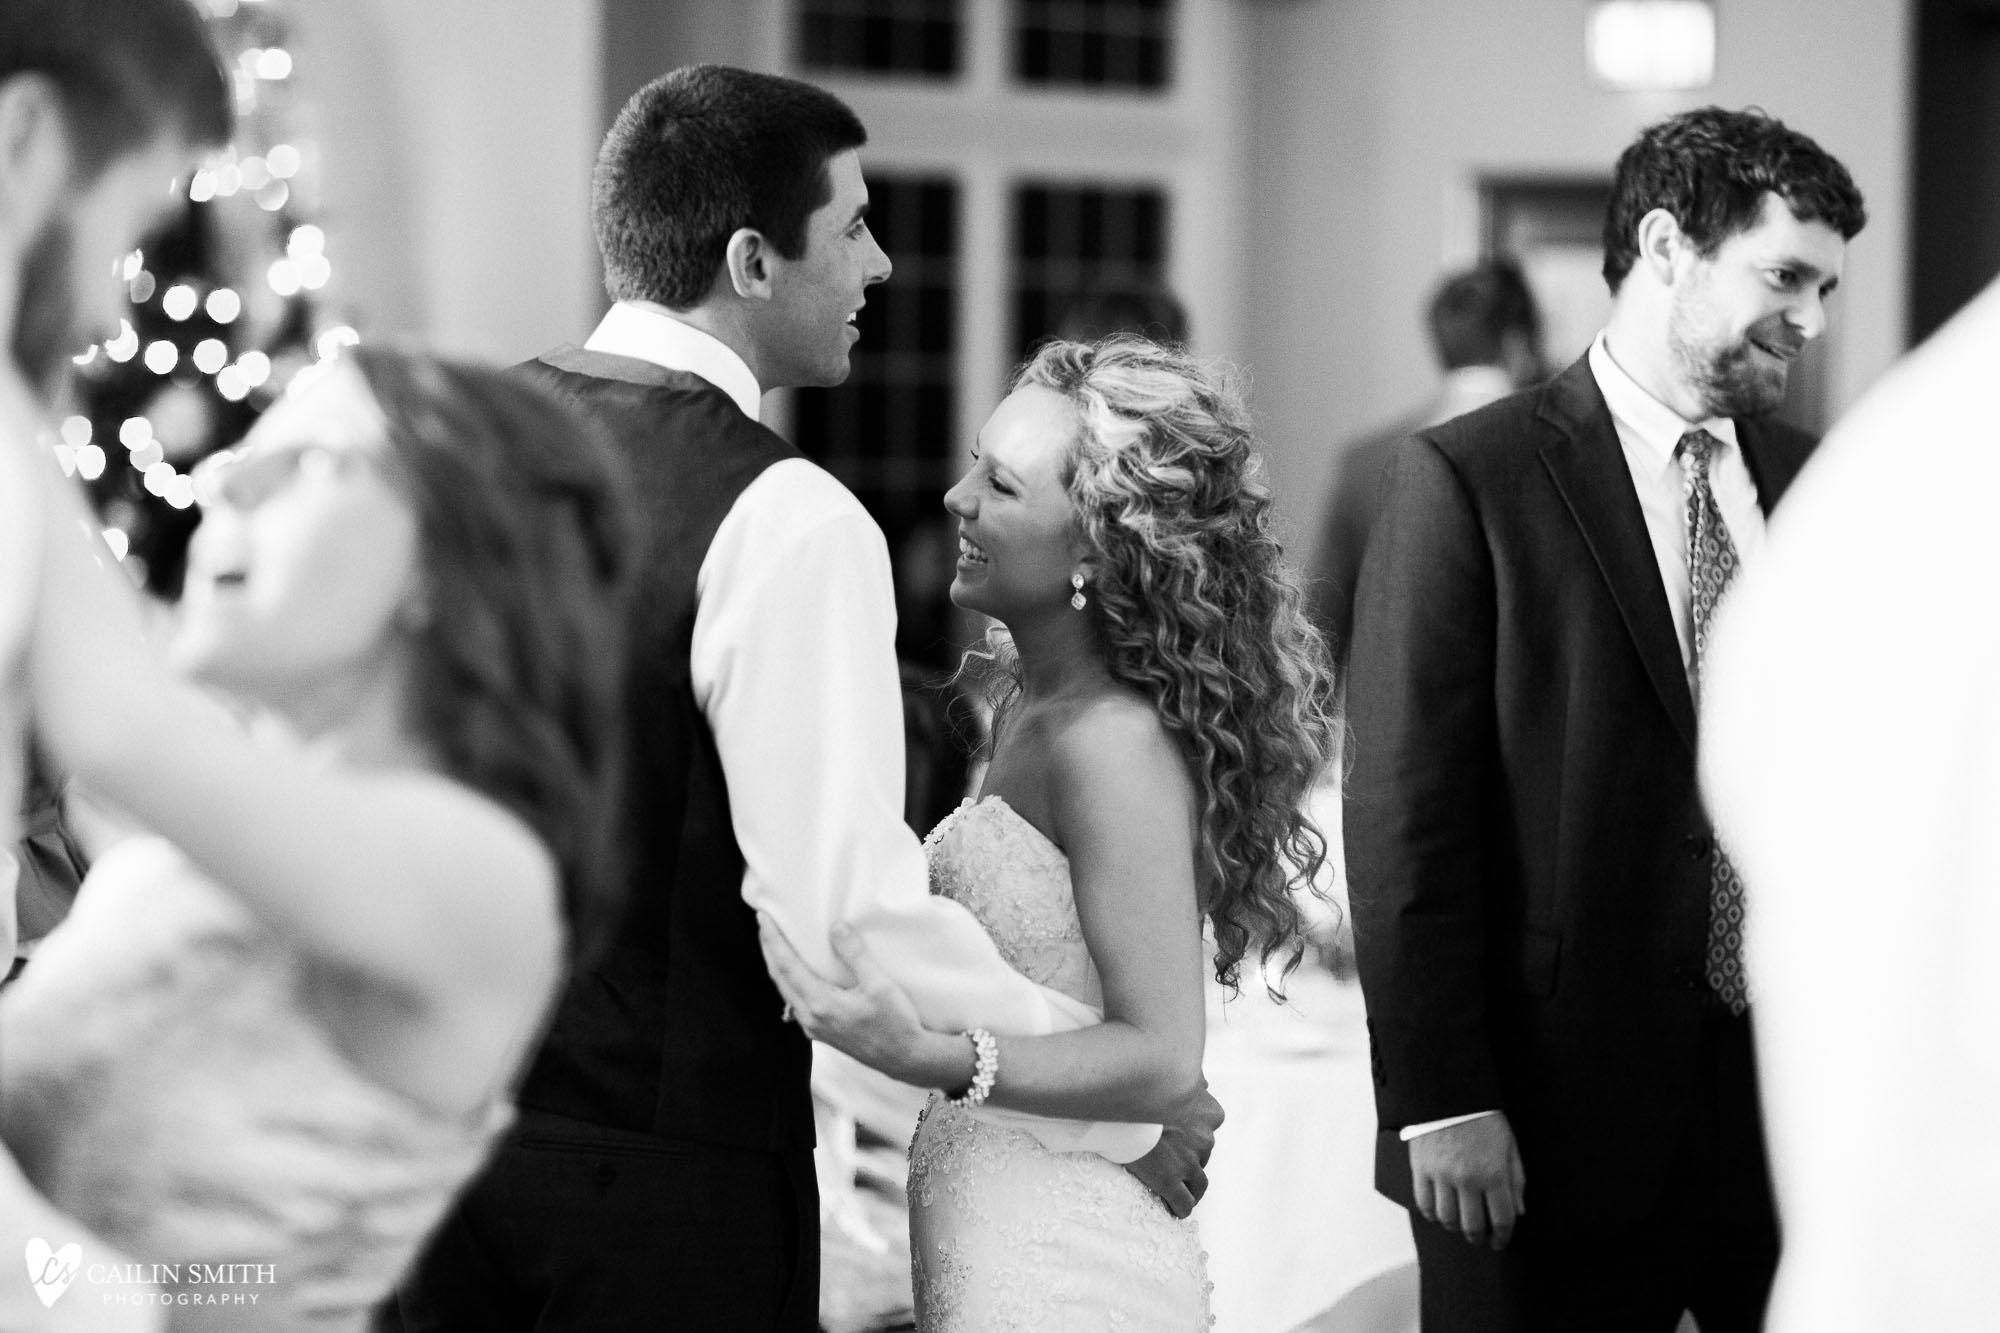 Leah_Major_St_Marys_Wedding_Photography_111.jpg